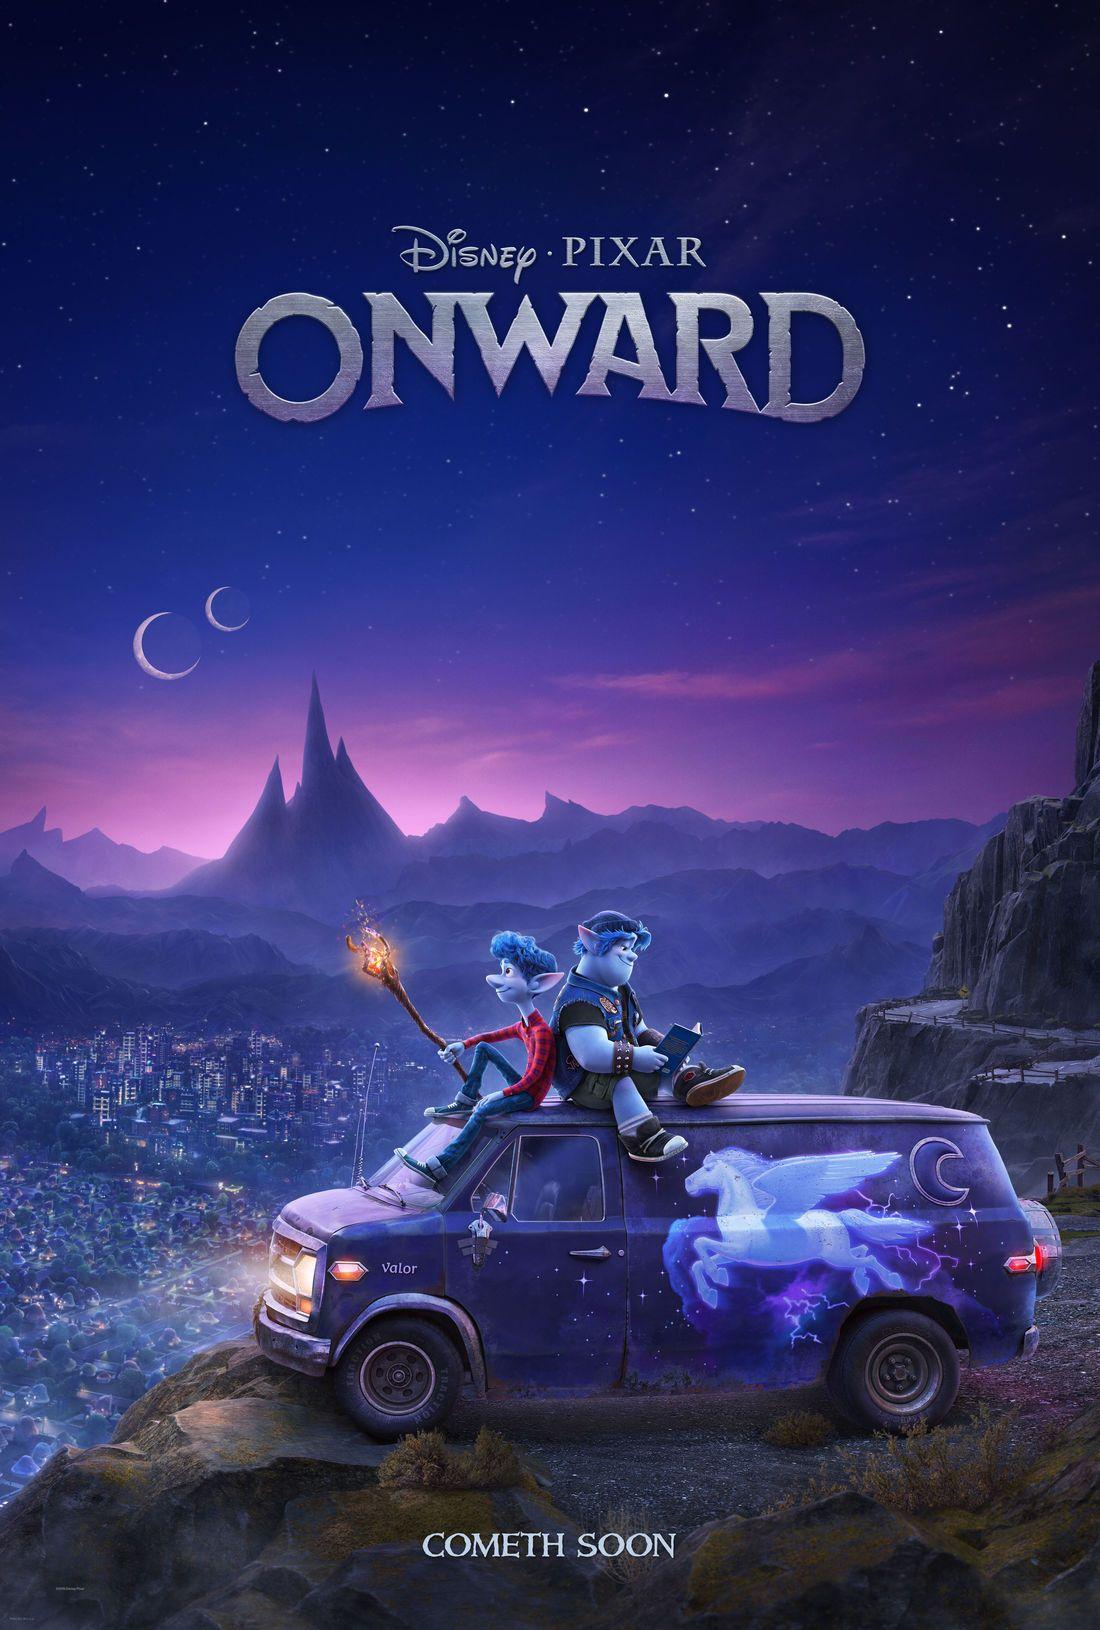 Disney dévoile un Teaser Trailer pour Onward Films